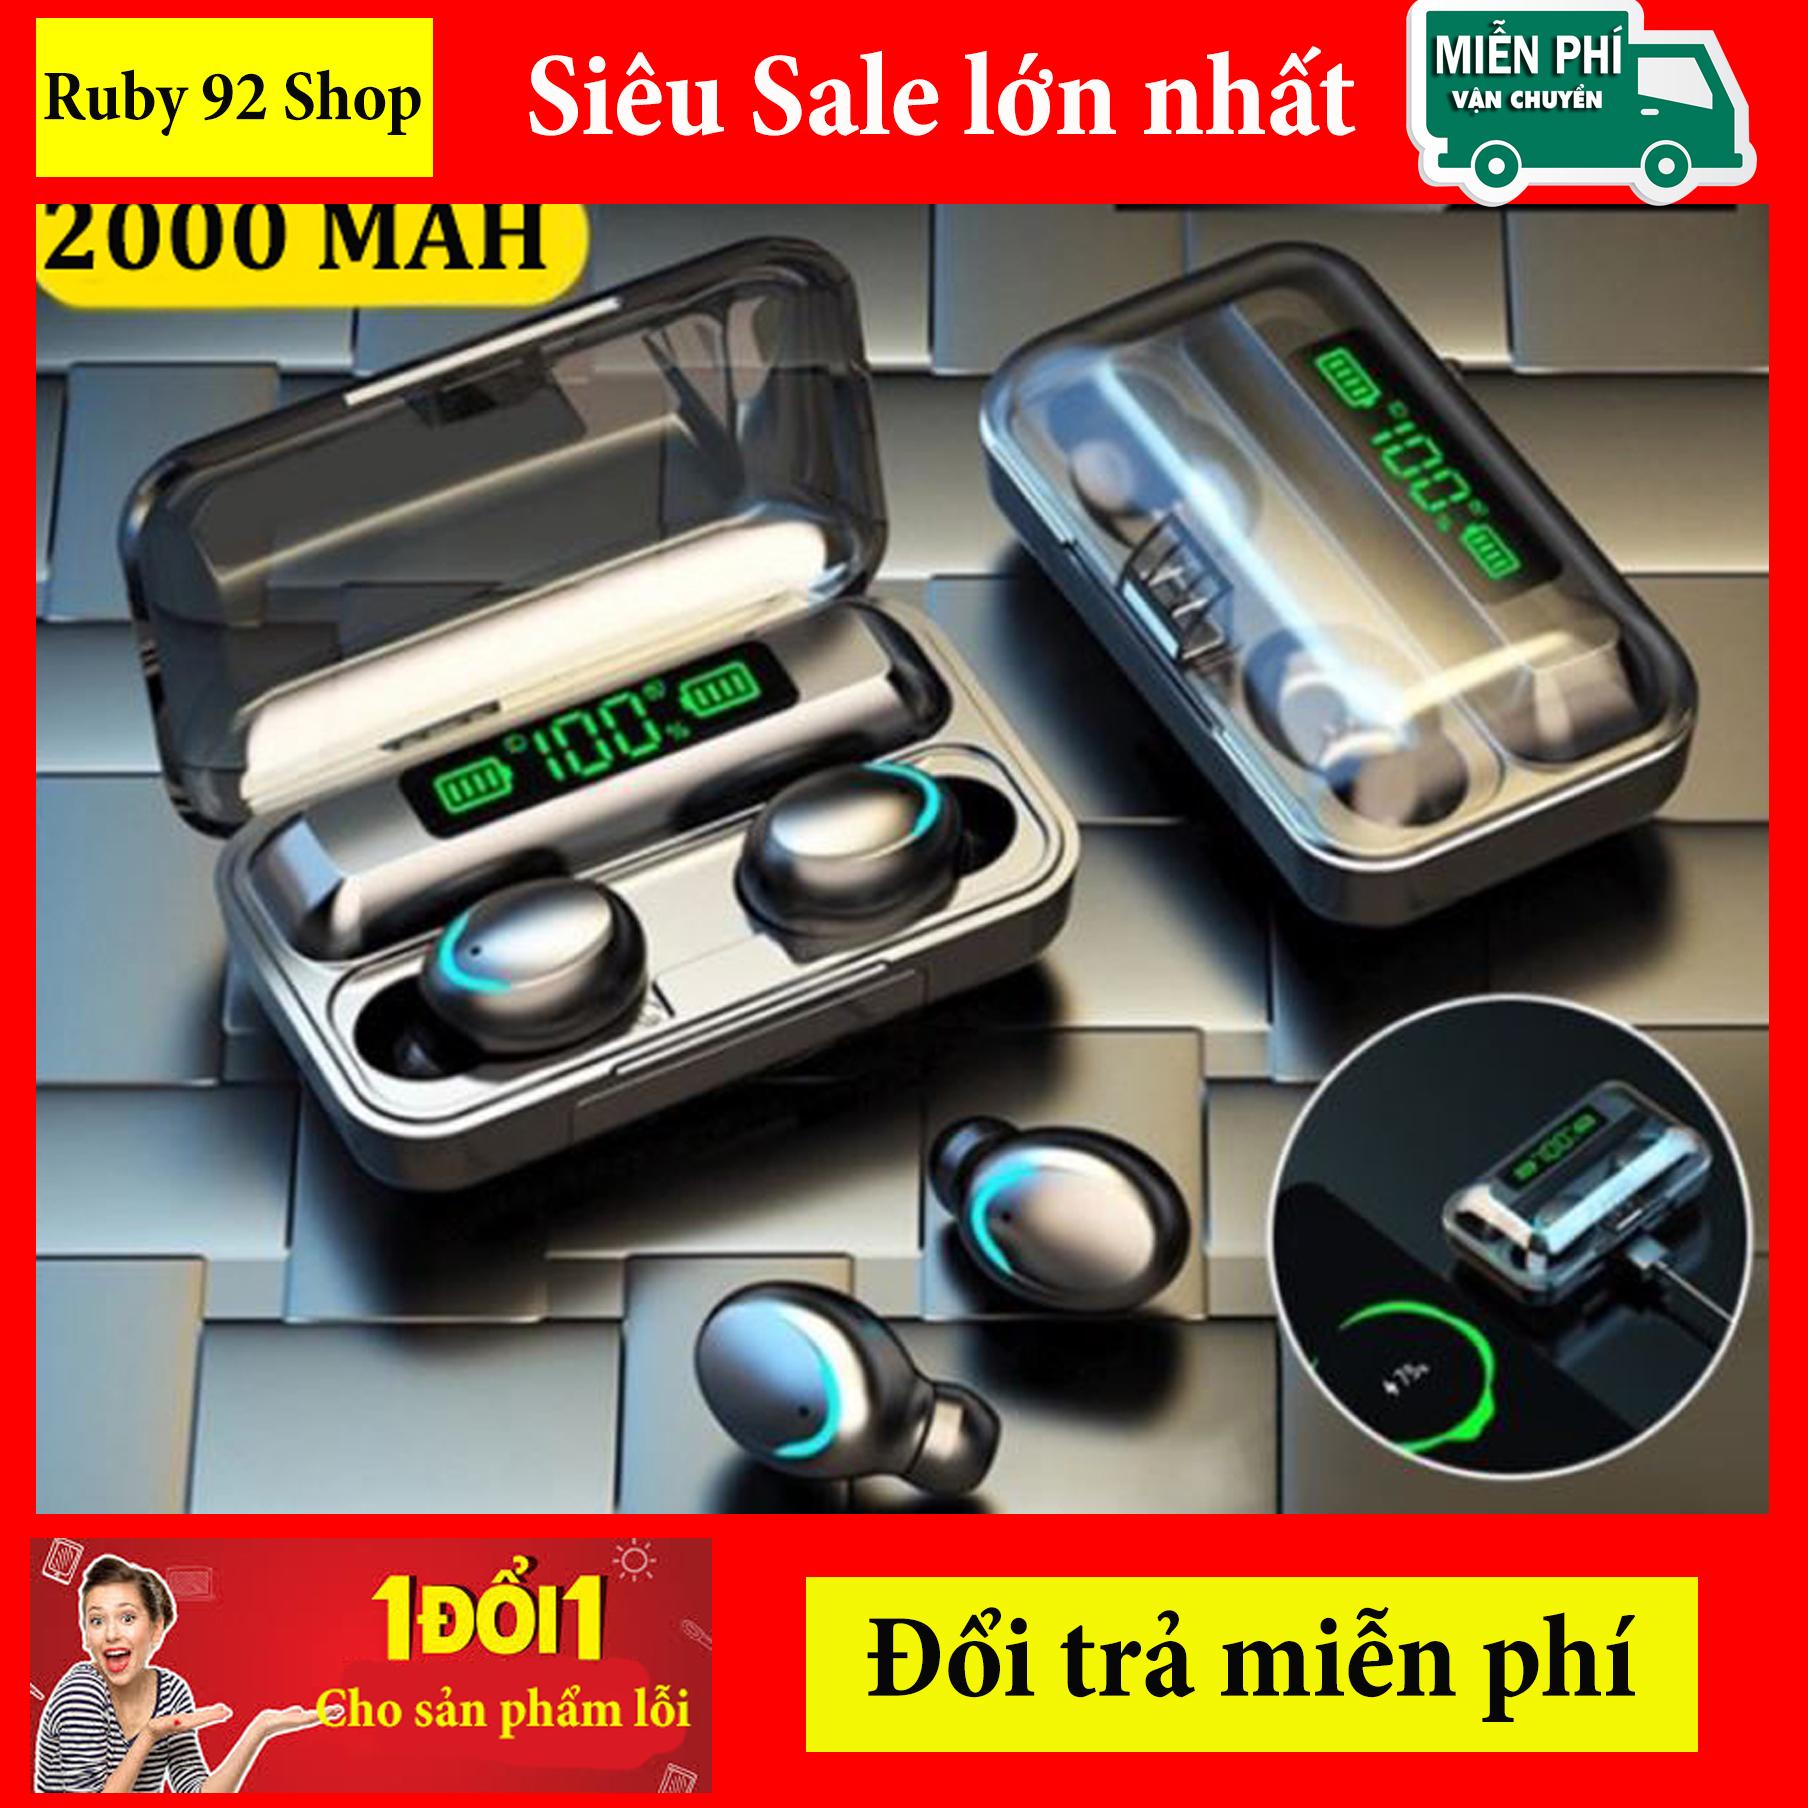 Tai Nghe Bluetooth Không Dây F9 5 cao cấp-Micro HD, Chống Nước - Tai nghe bluetooth pin trâu - Tai nghe nhét tai không dây - Tai nghe không dây pin trâu 3500 maH